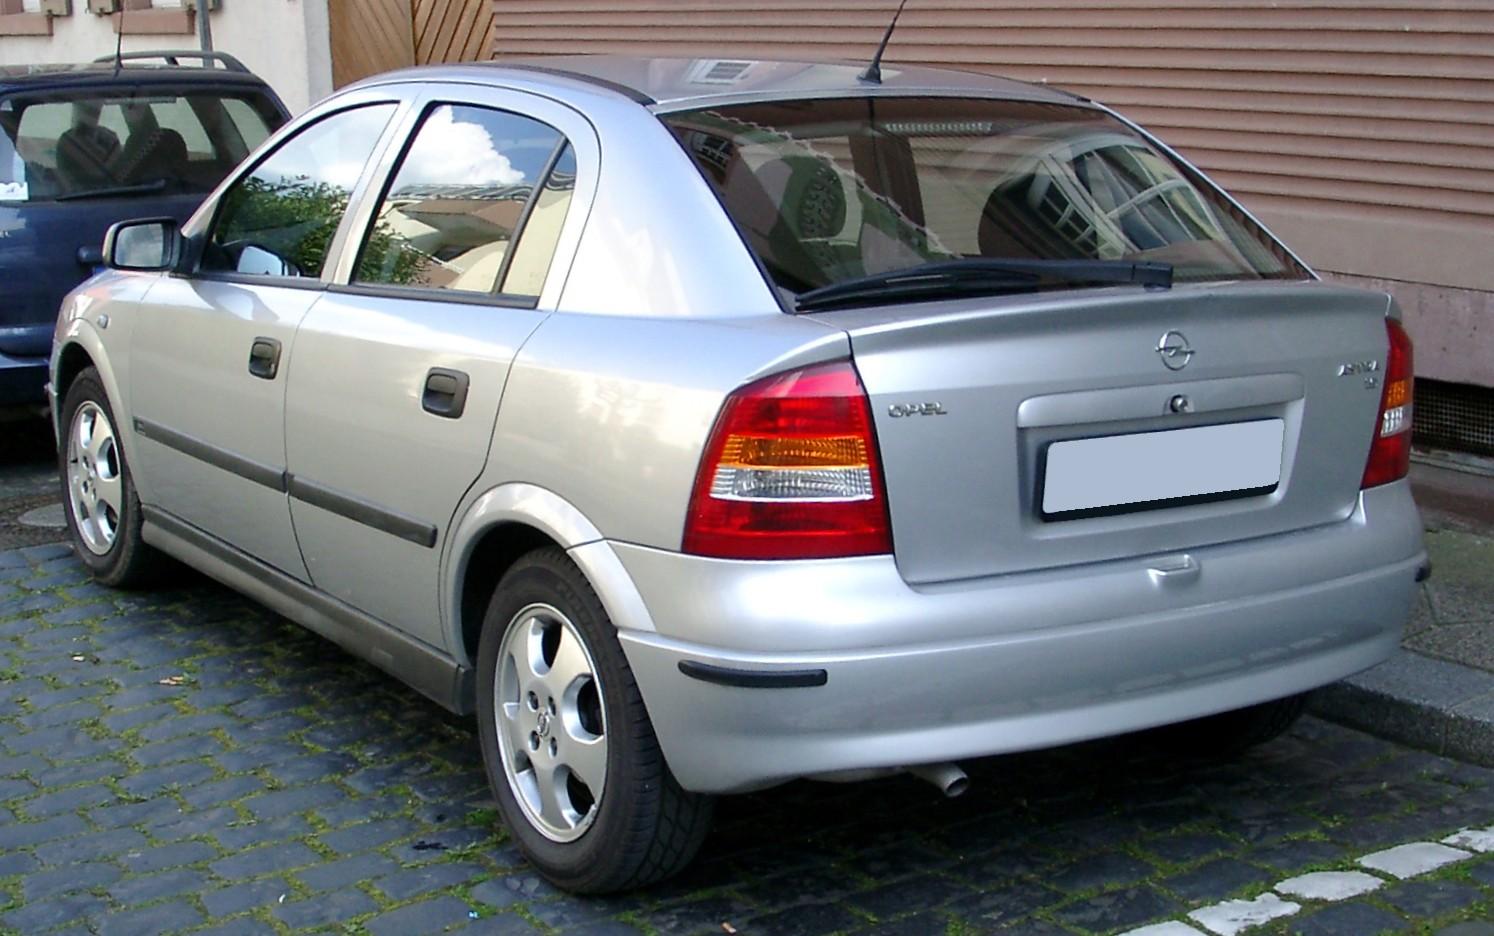 File:Opel Astra G rear 20080424.jpg - Wikimedia Commons